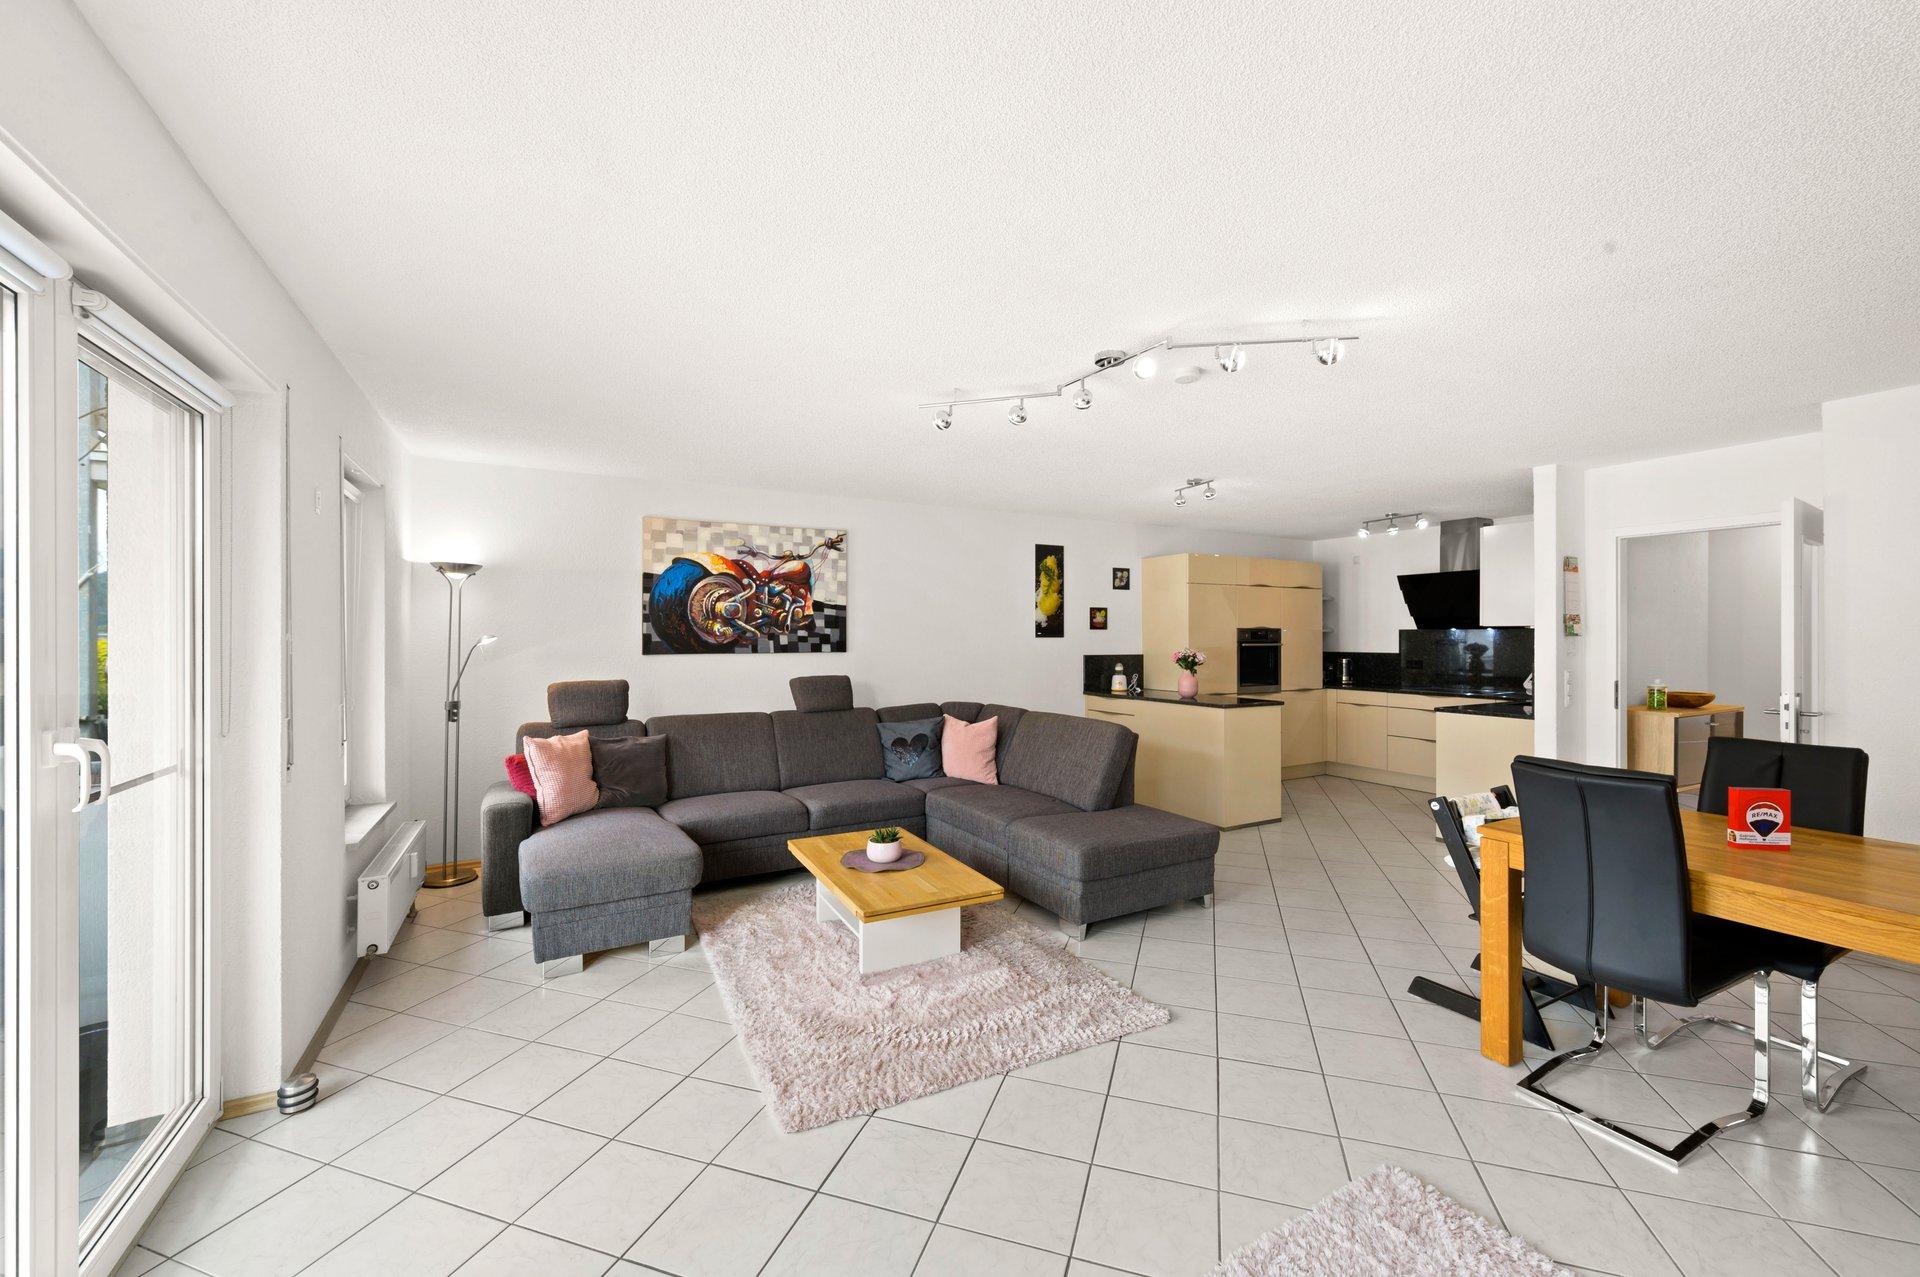 Ideal für Pendler! Moderne 3-Zimmer Eigentumswohnung mit Tiefgarage, Balkon und neuwertiger Einbauküche in Grenznähe Rheinfelden-Warmbach